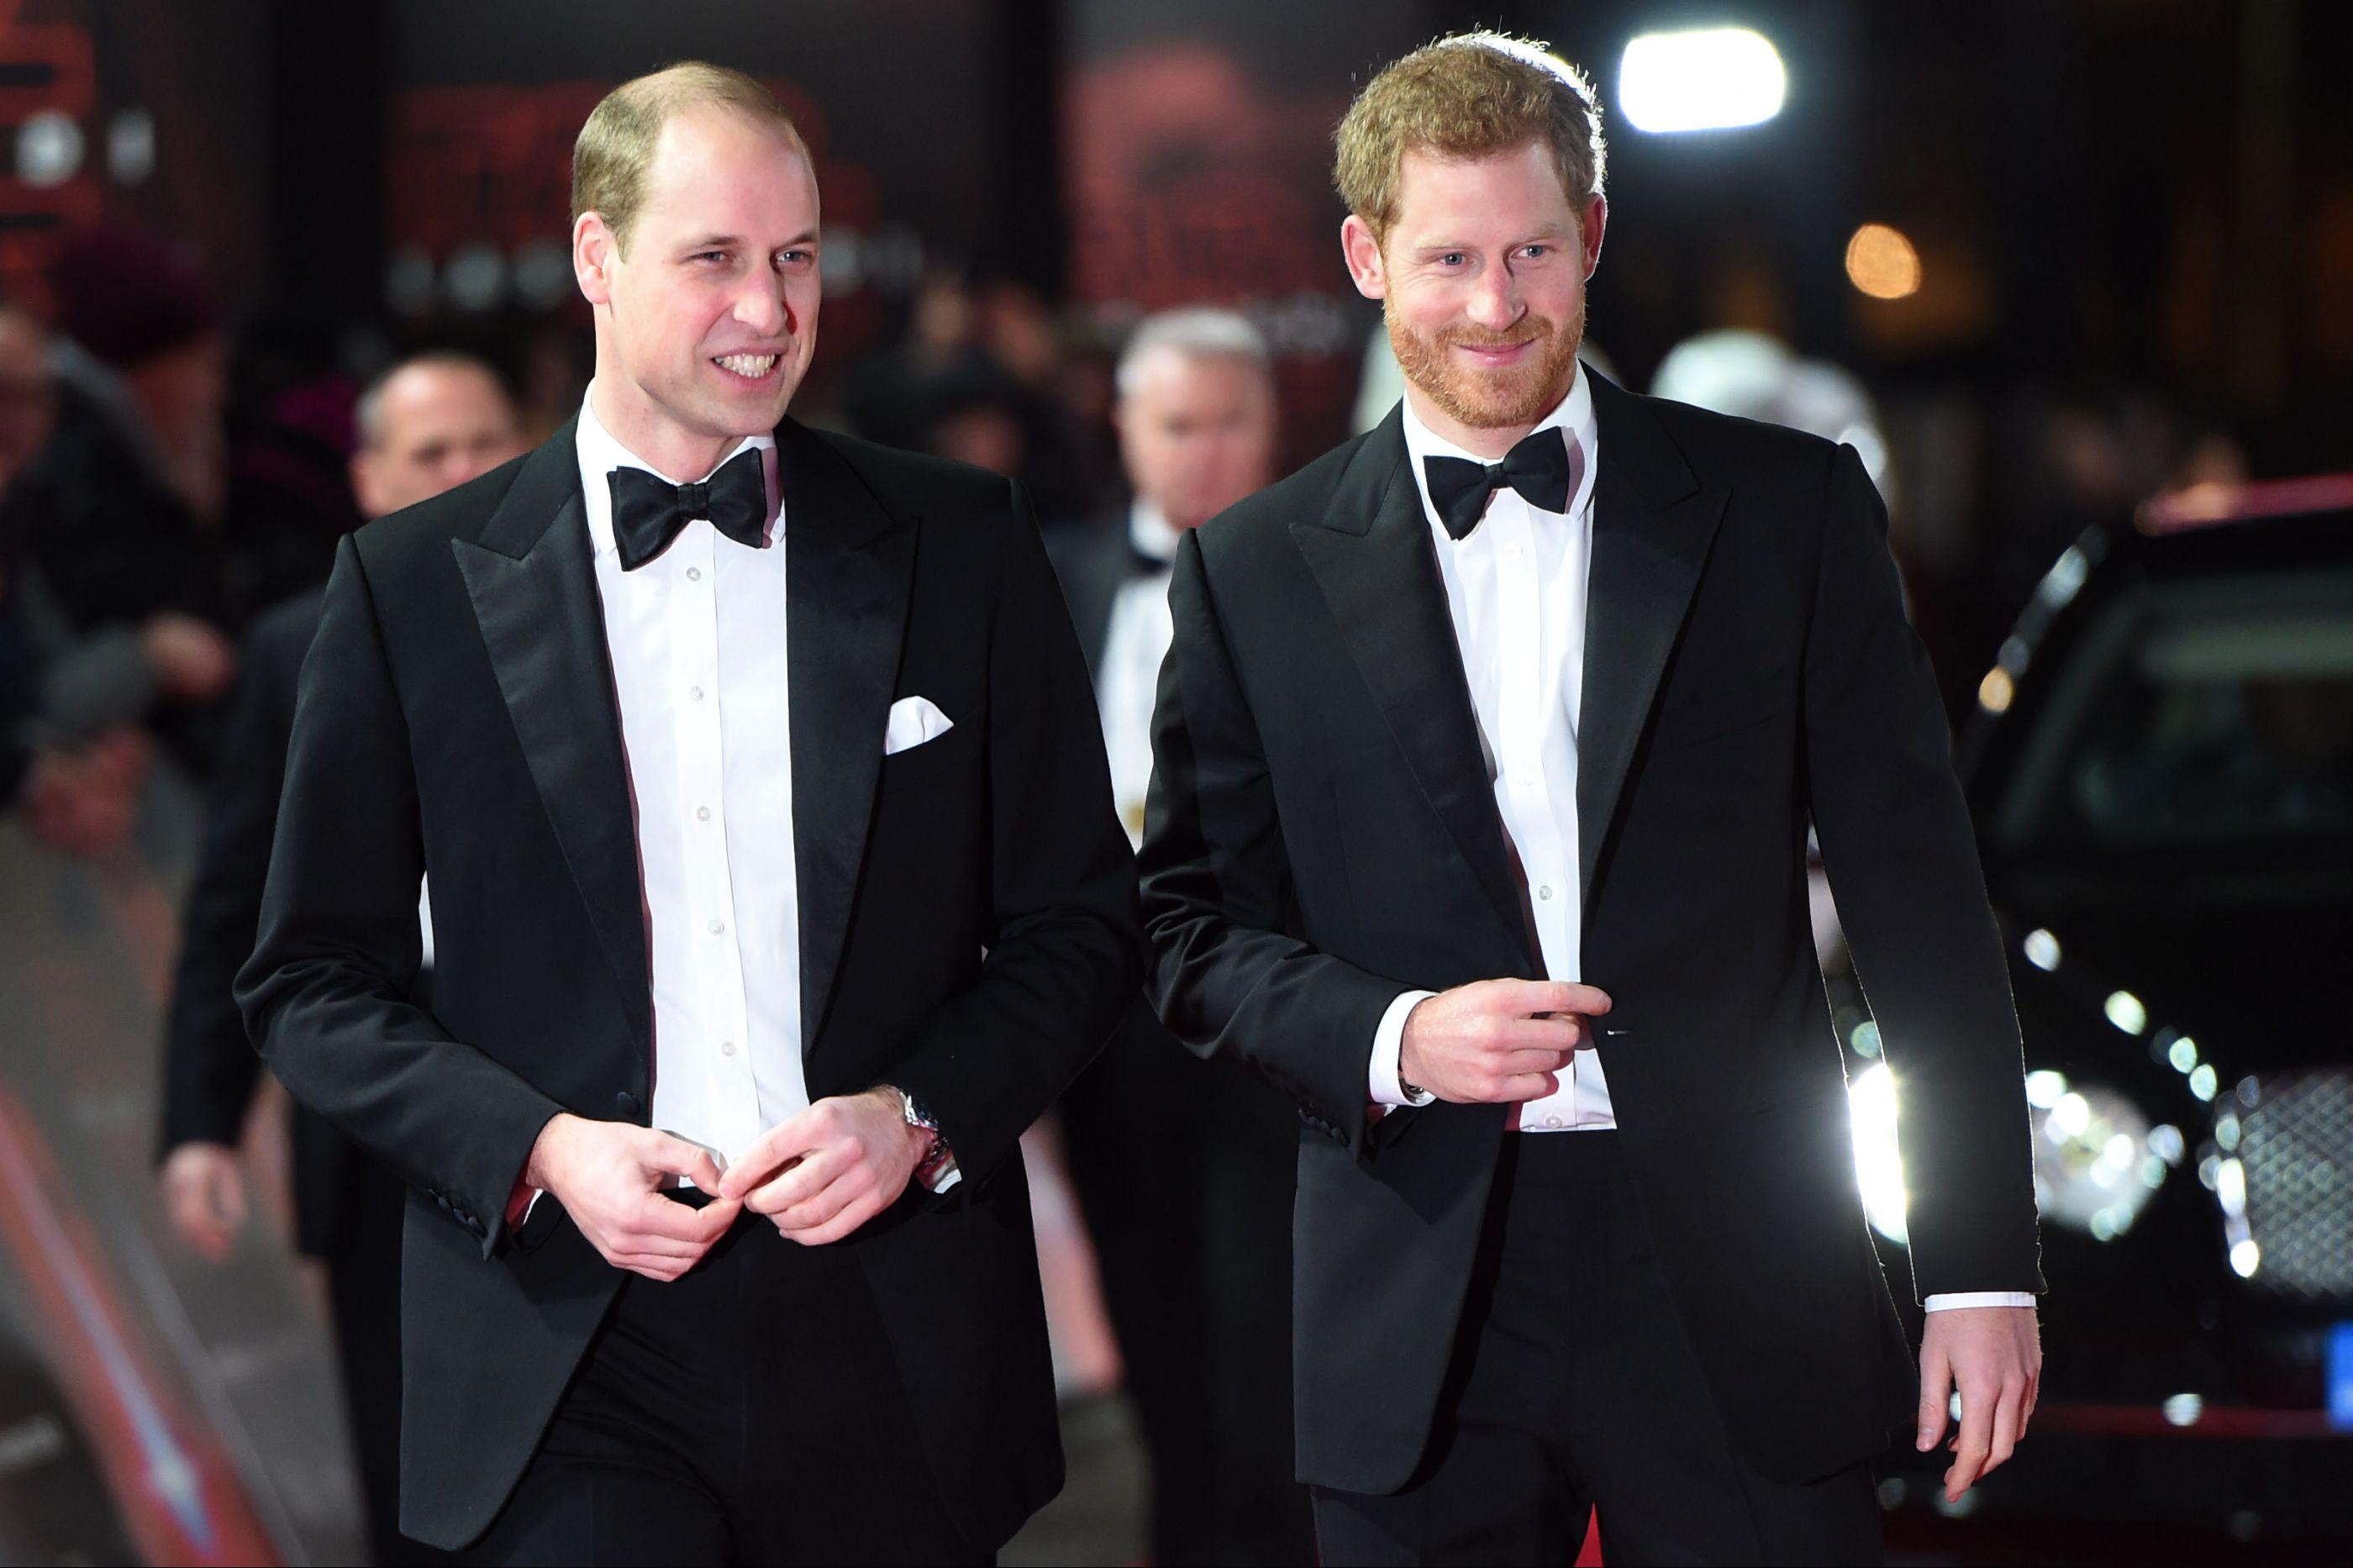 Relação entre príncipes William e Harry tremida. A razão? Meghan Markle